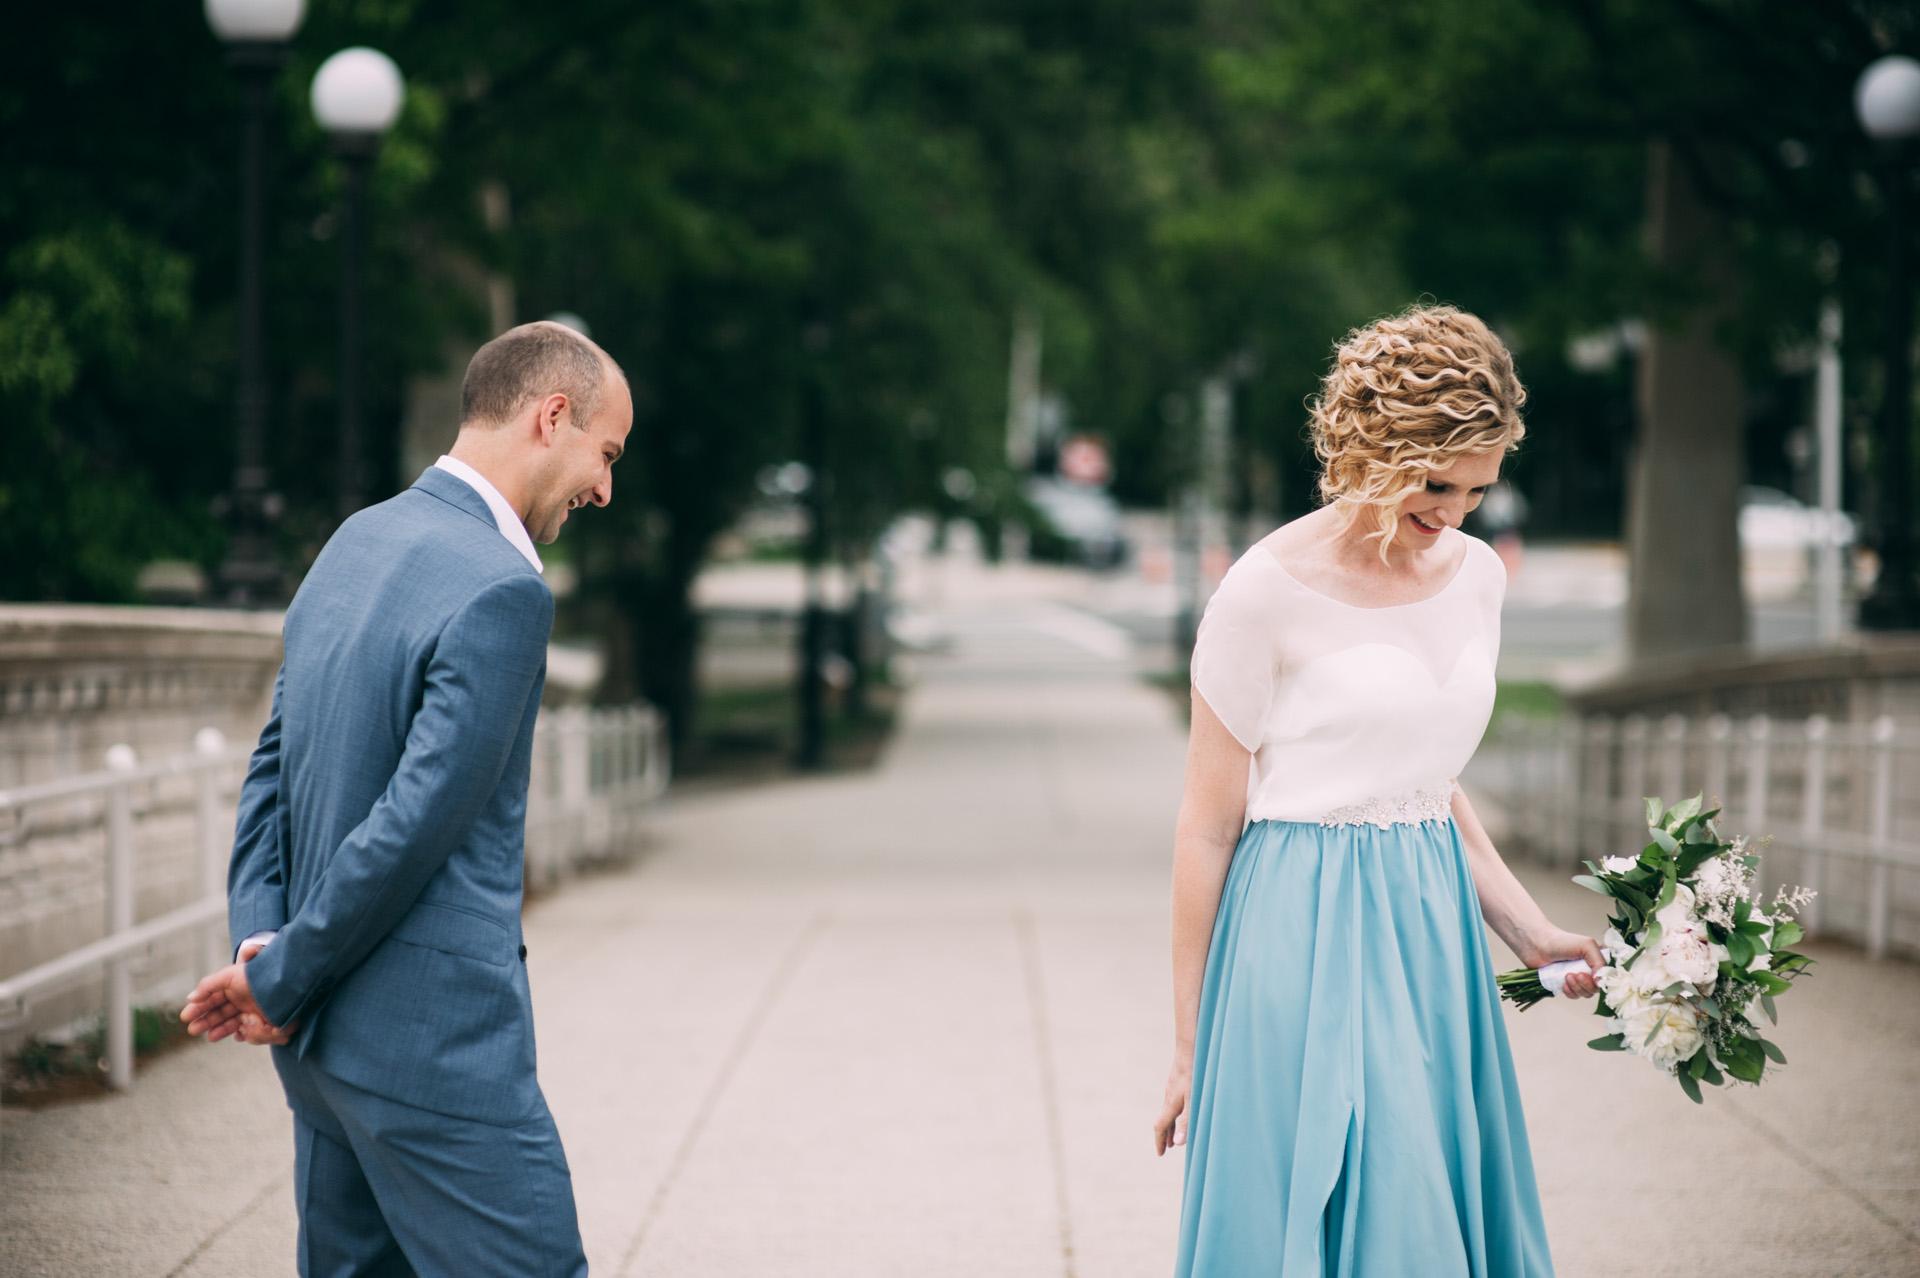 alden-harlow-wedding-photographer-18